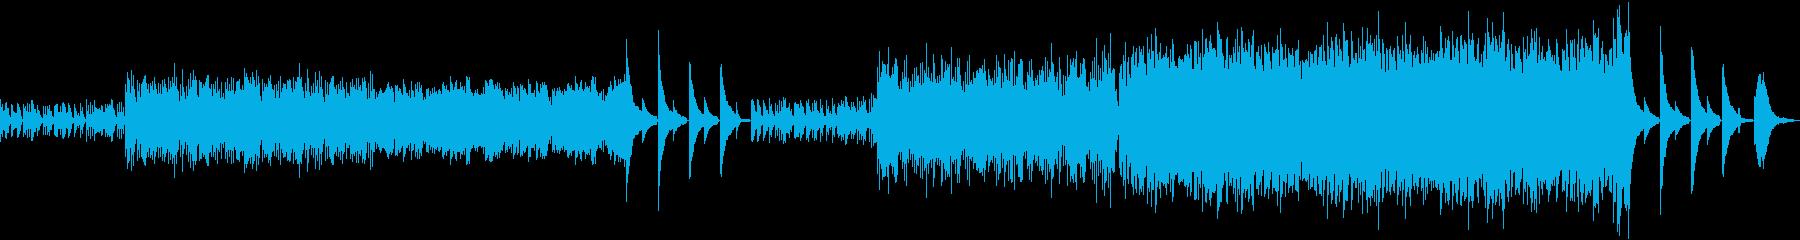 大サビのピアノメロなしの再生済みの波形